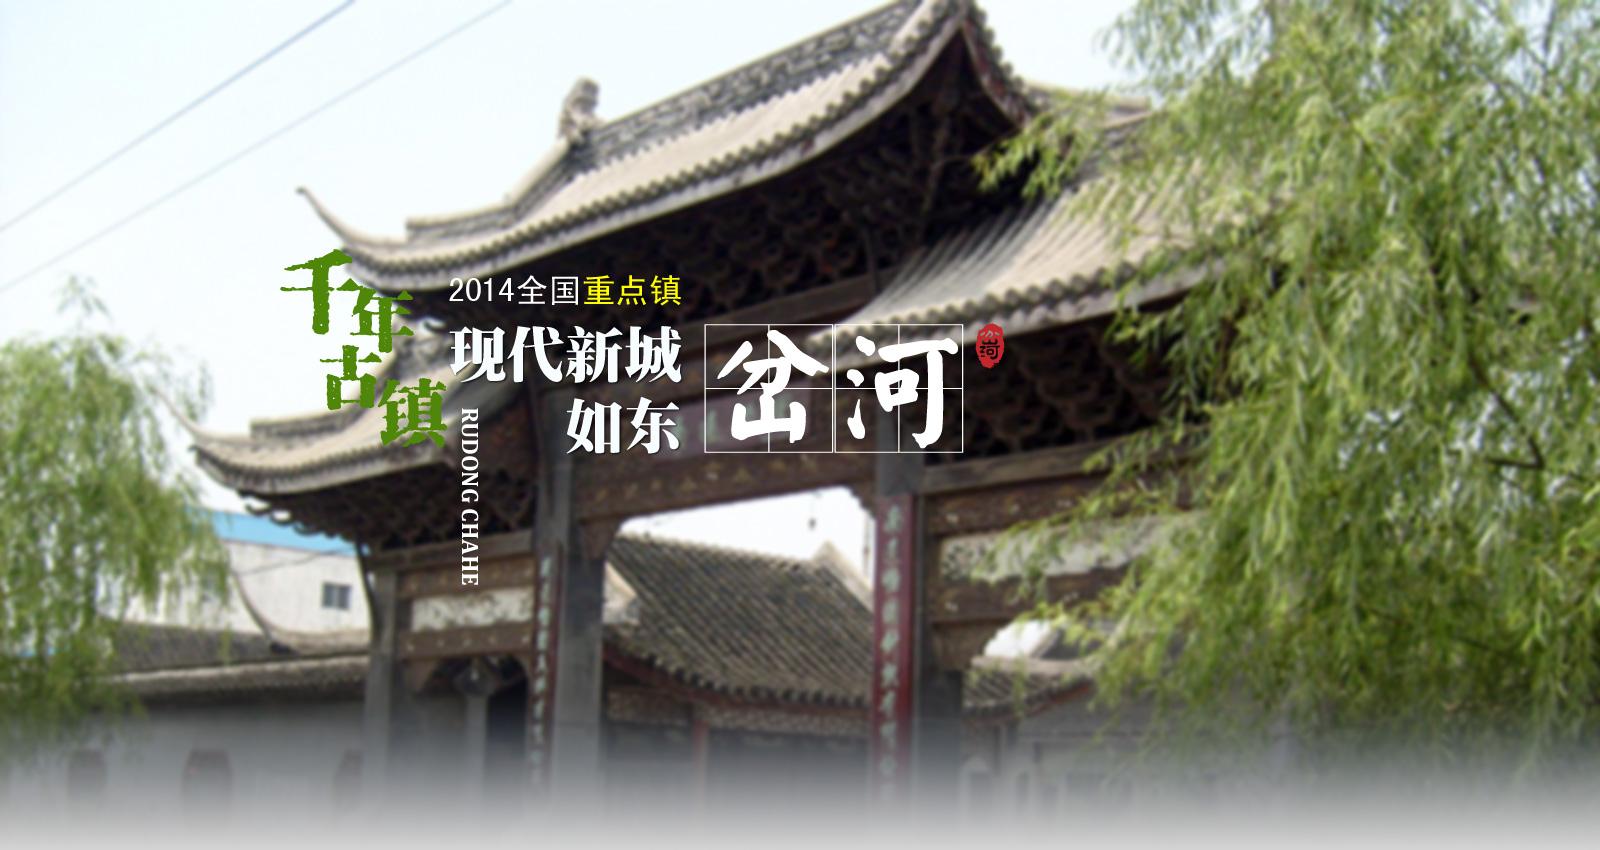 2014全国重点镇之——千年古镇 如东岔河